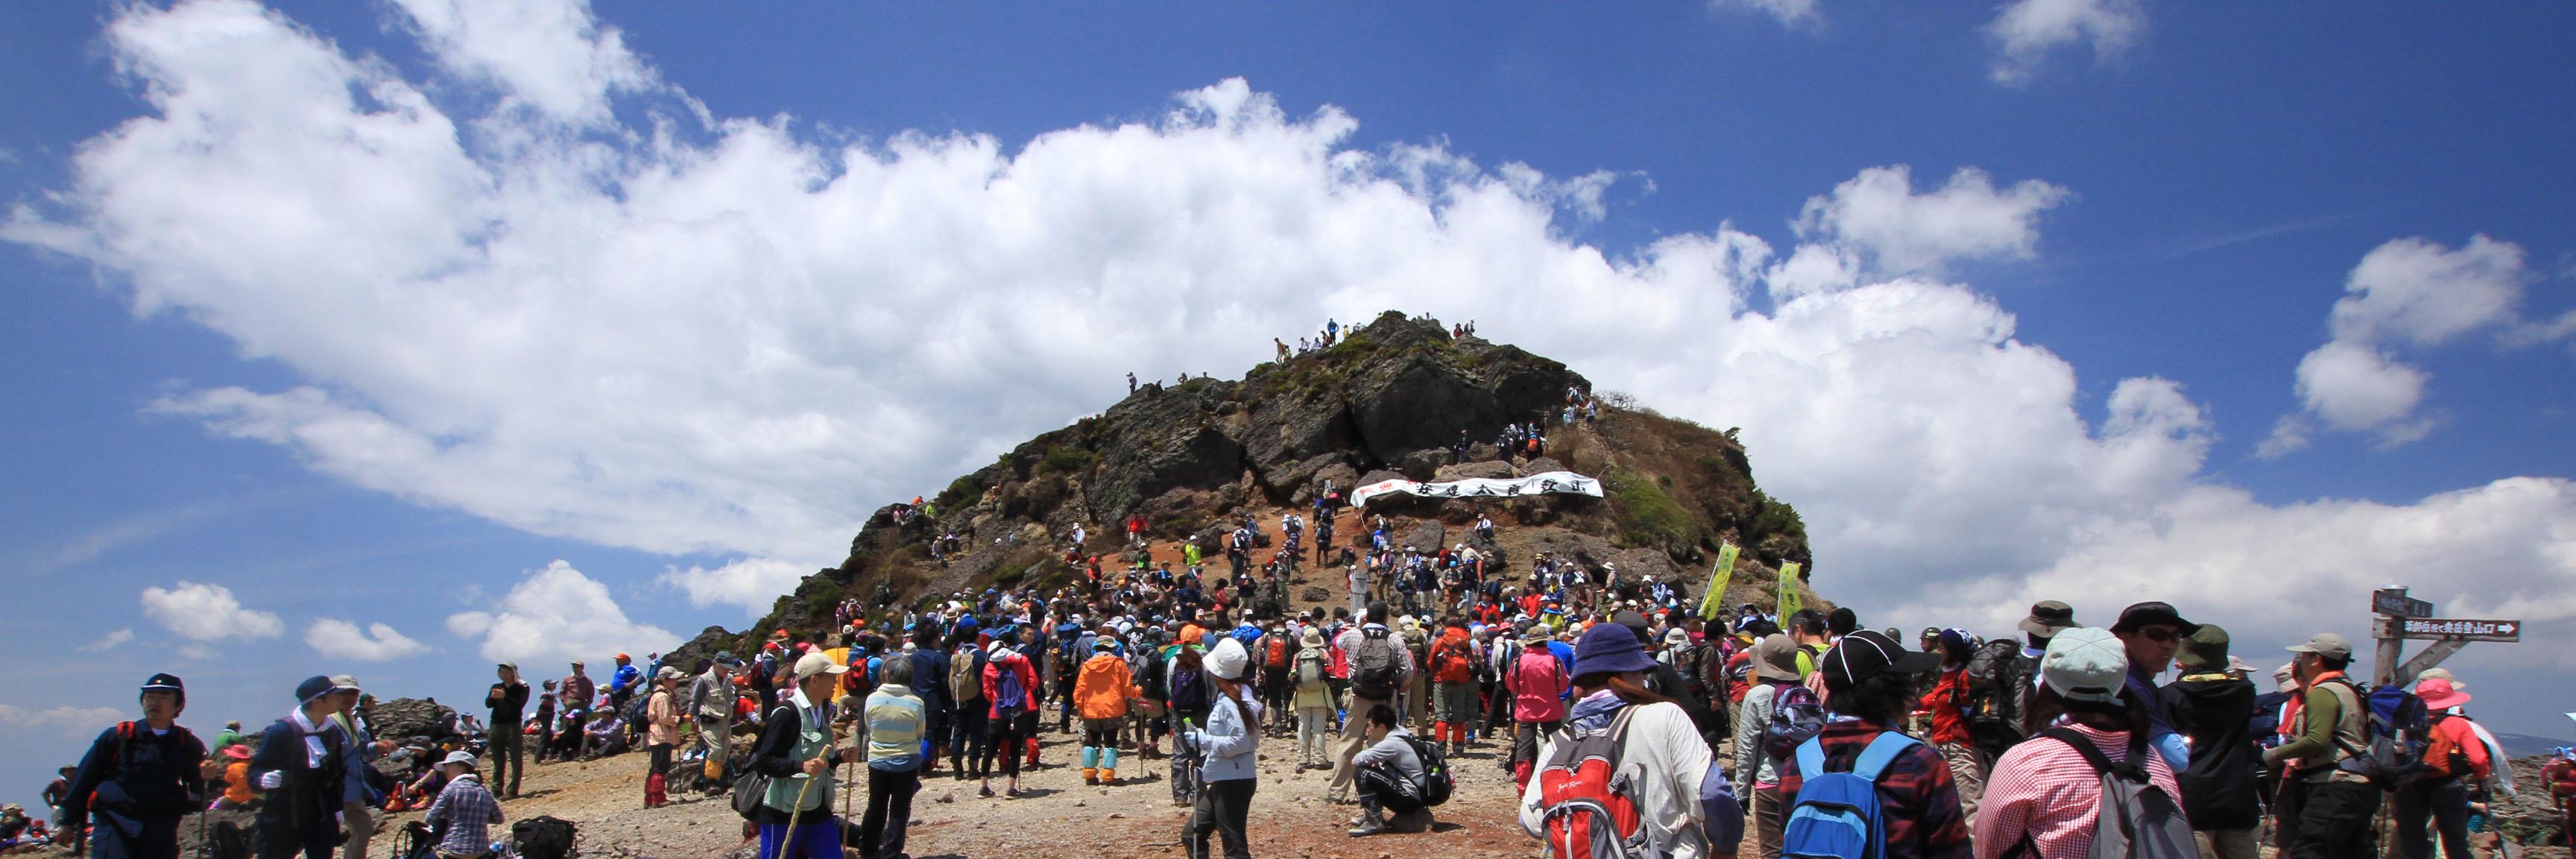 2012「山」優秀賞作品シーズン到来の画像